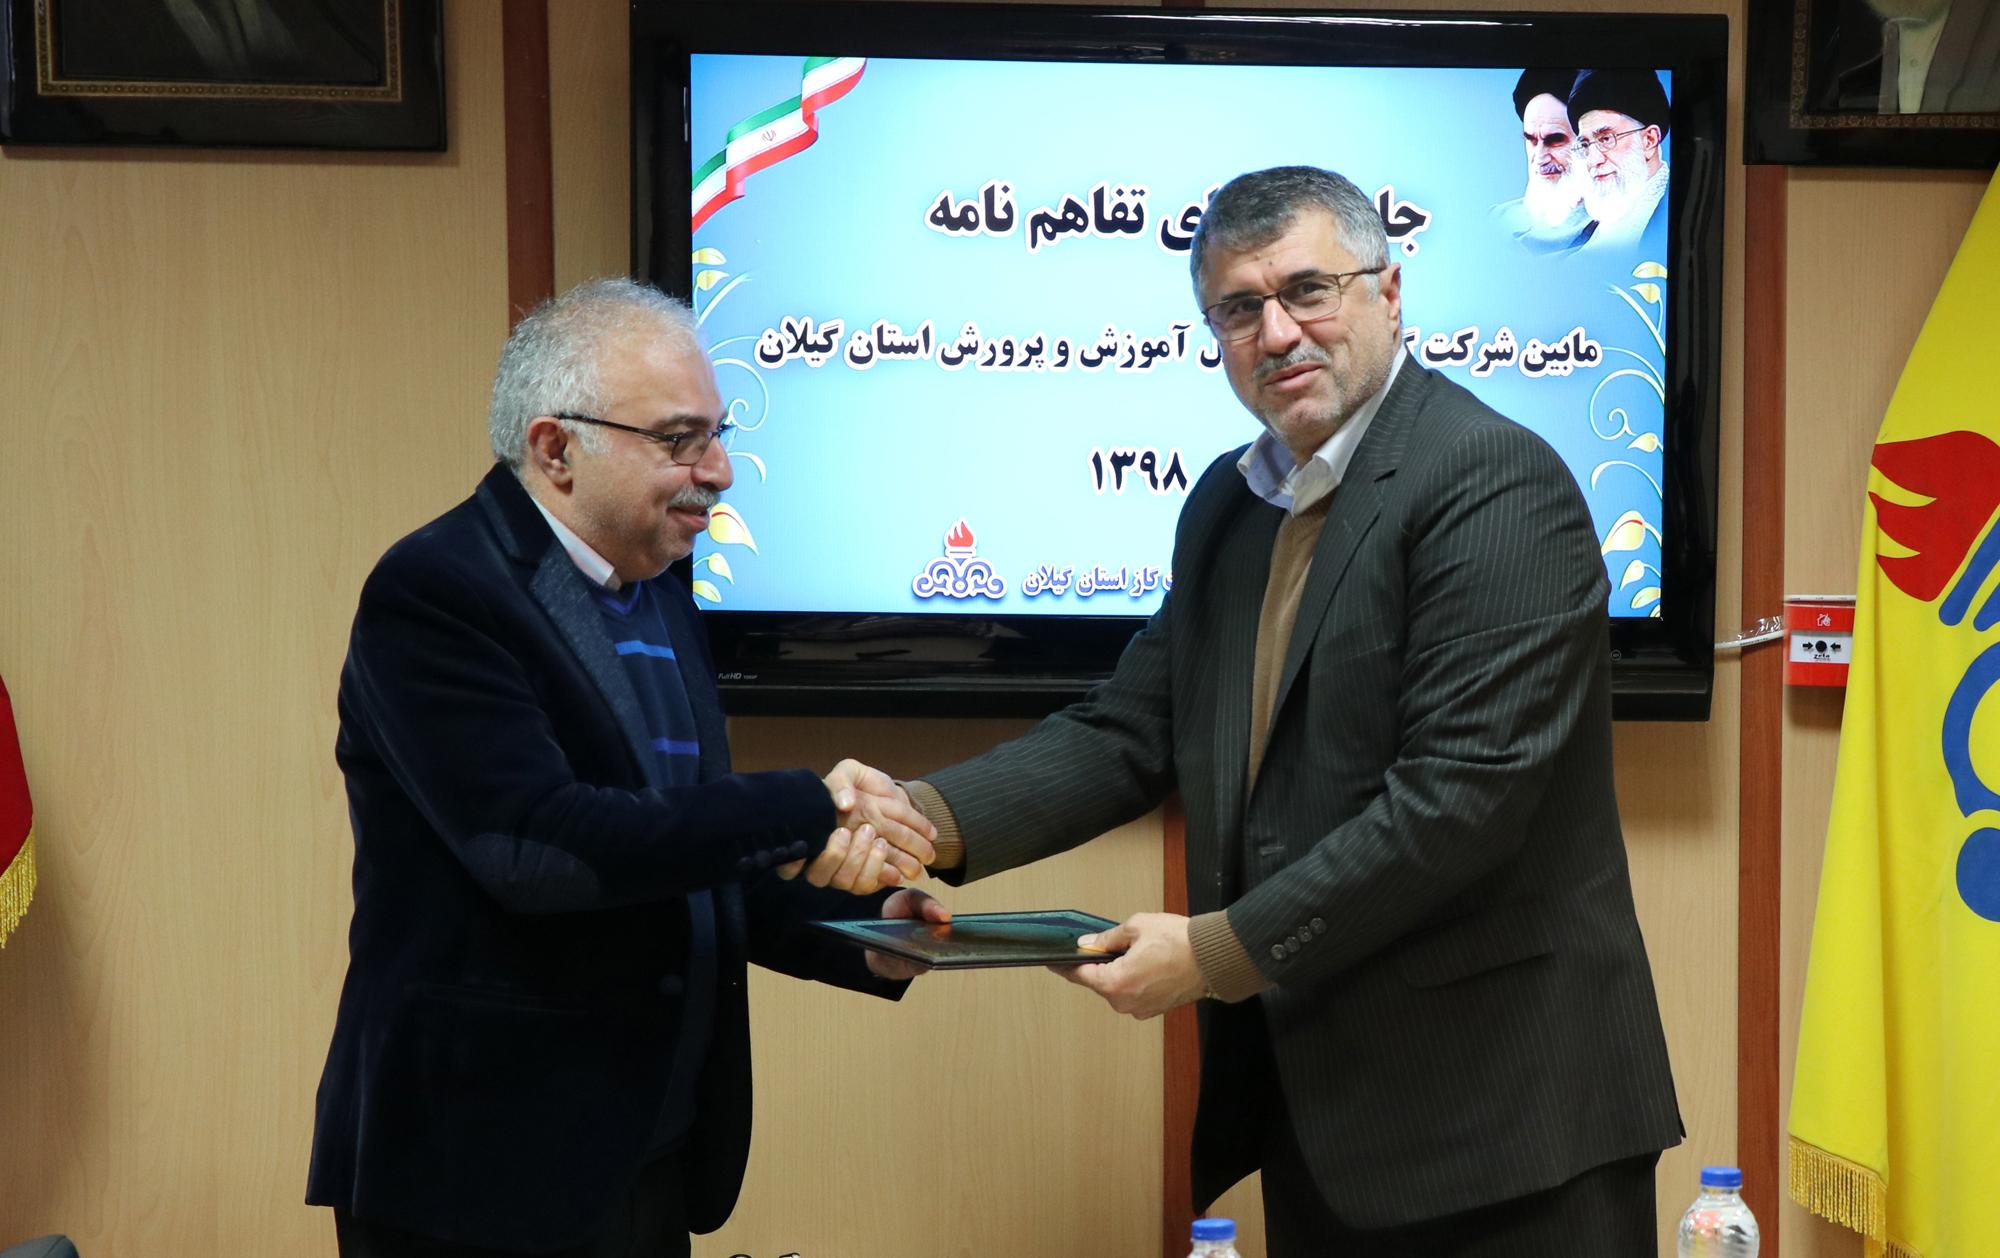 امضای تفاهم نامه همکاری میان شرکت گاز و آموزش و پرورش استان گیلان